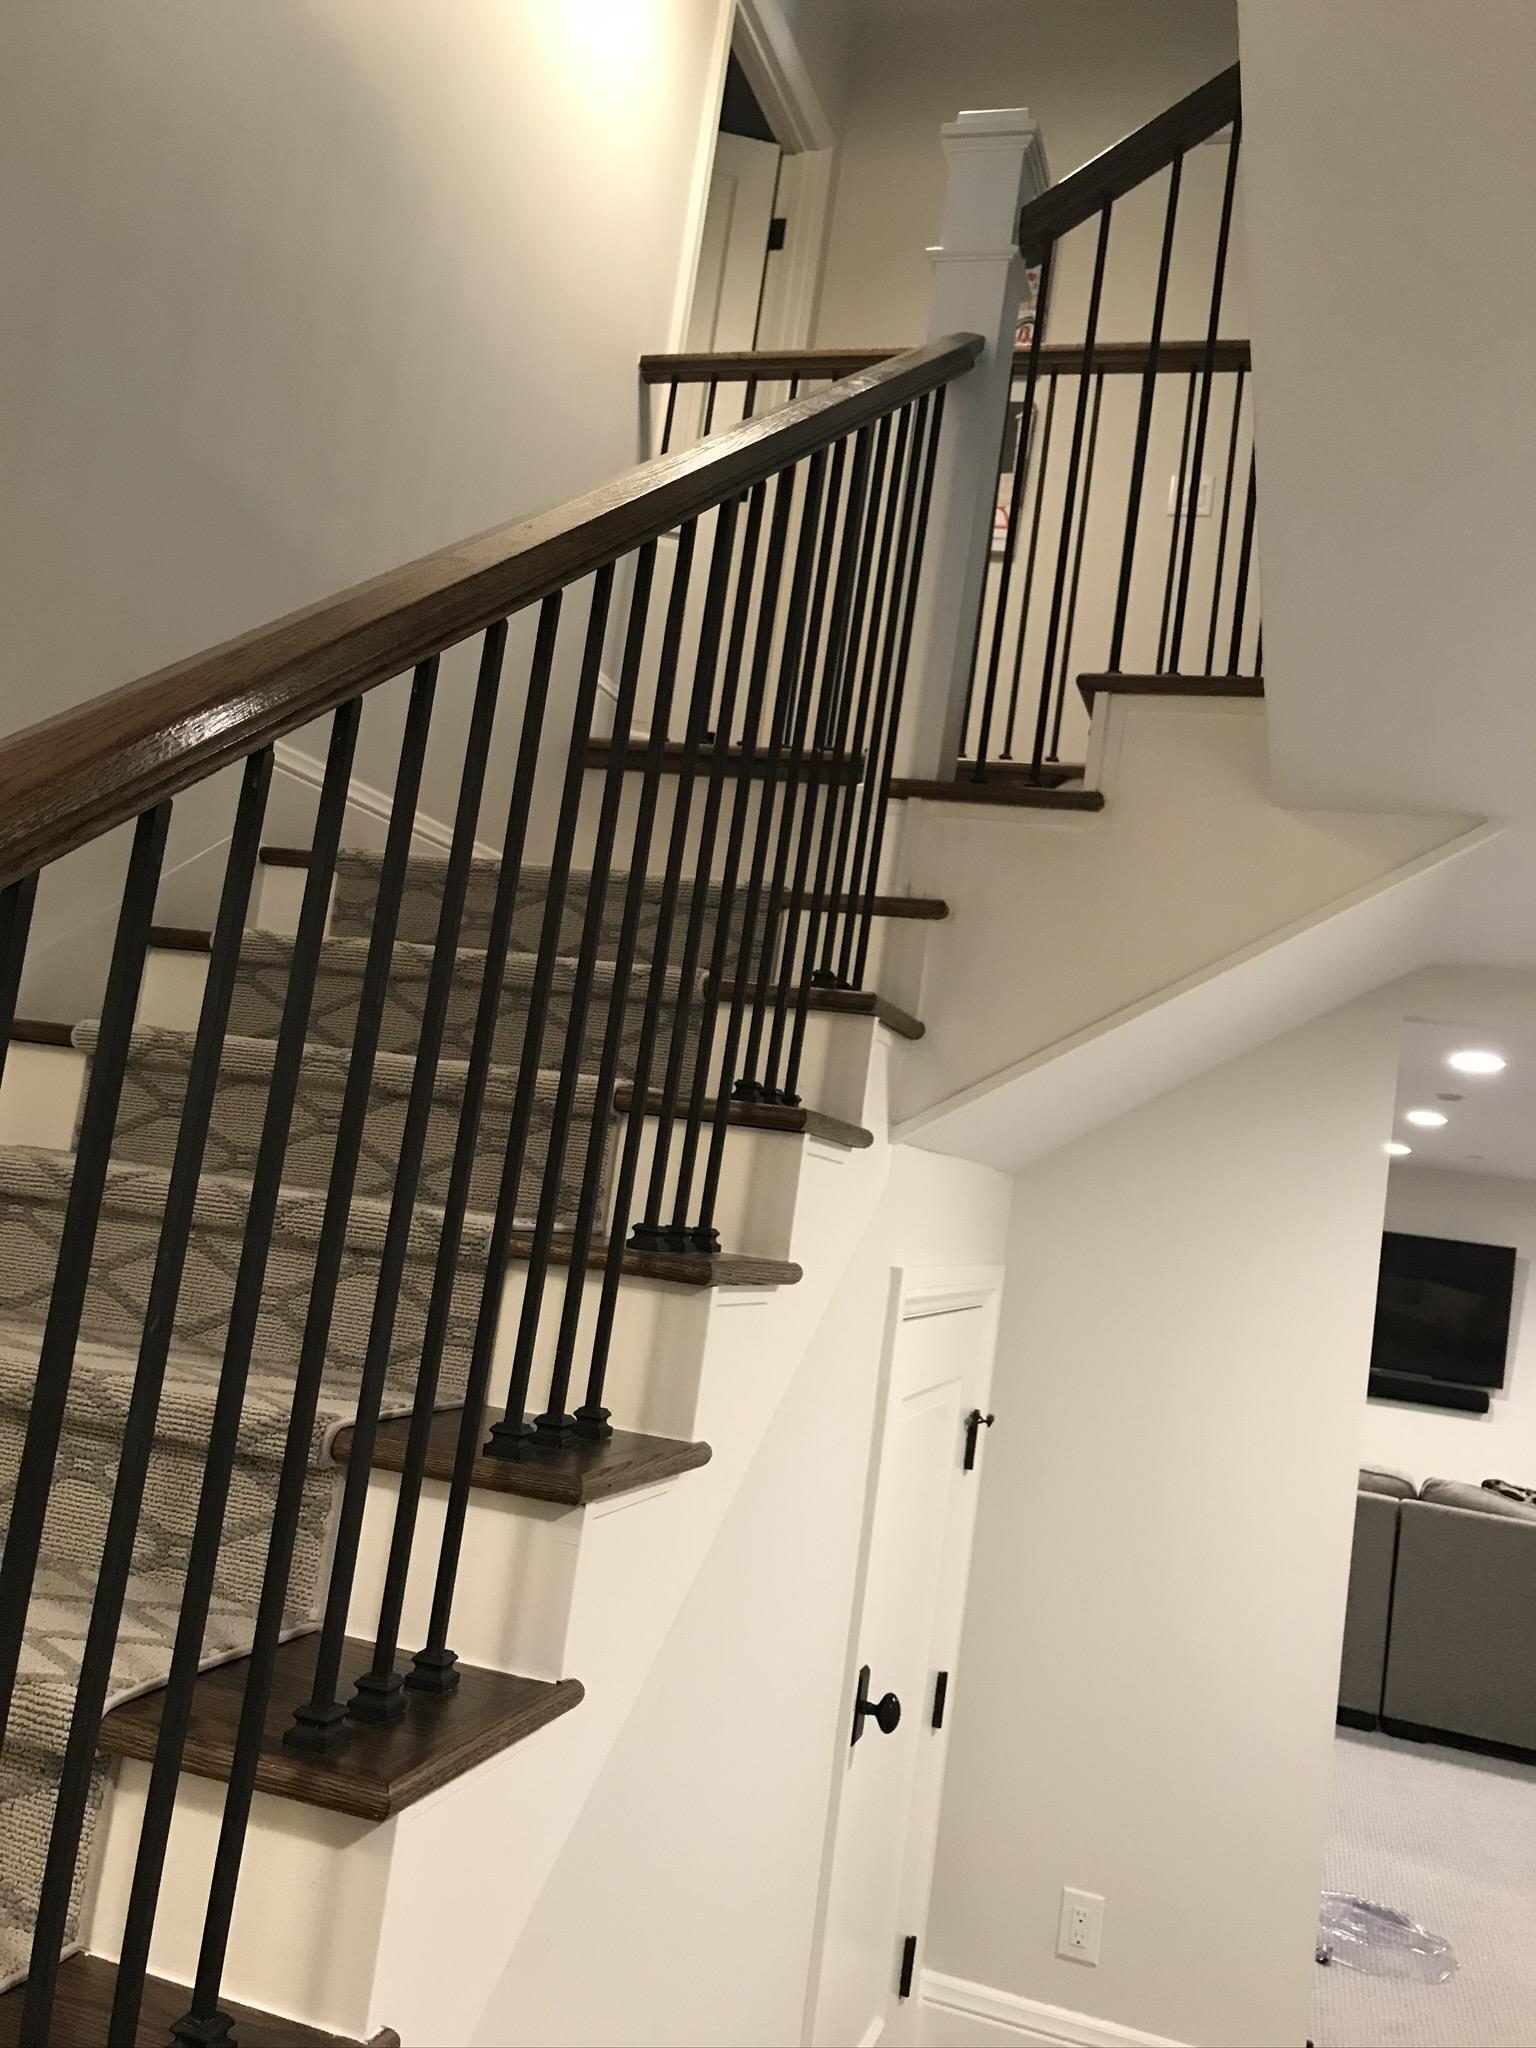 stair railings 6